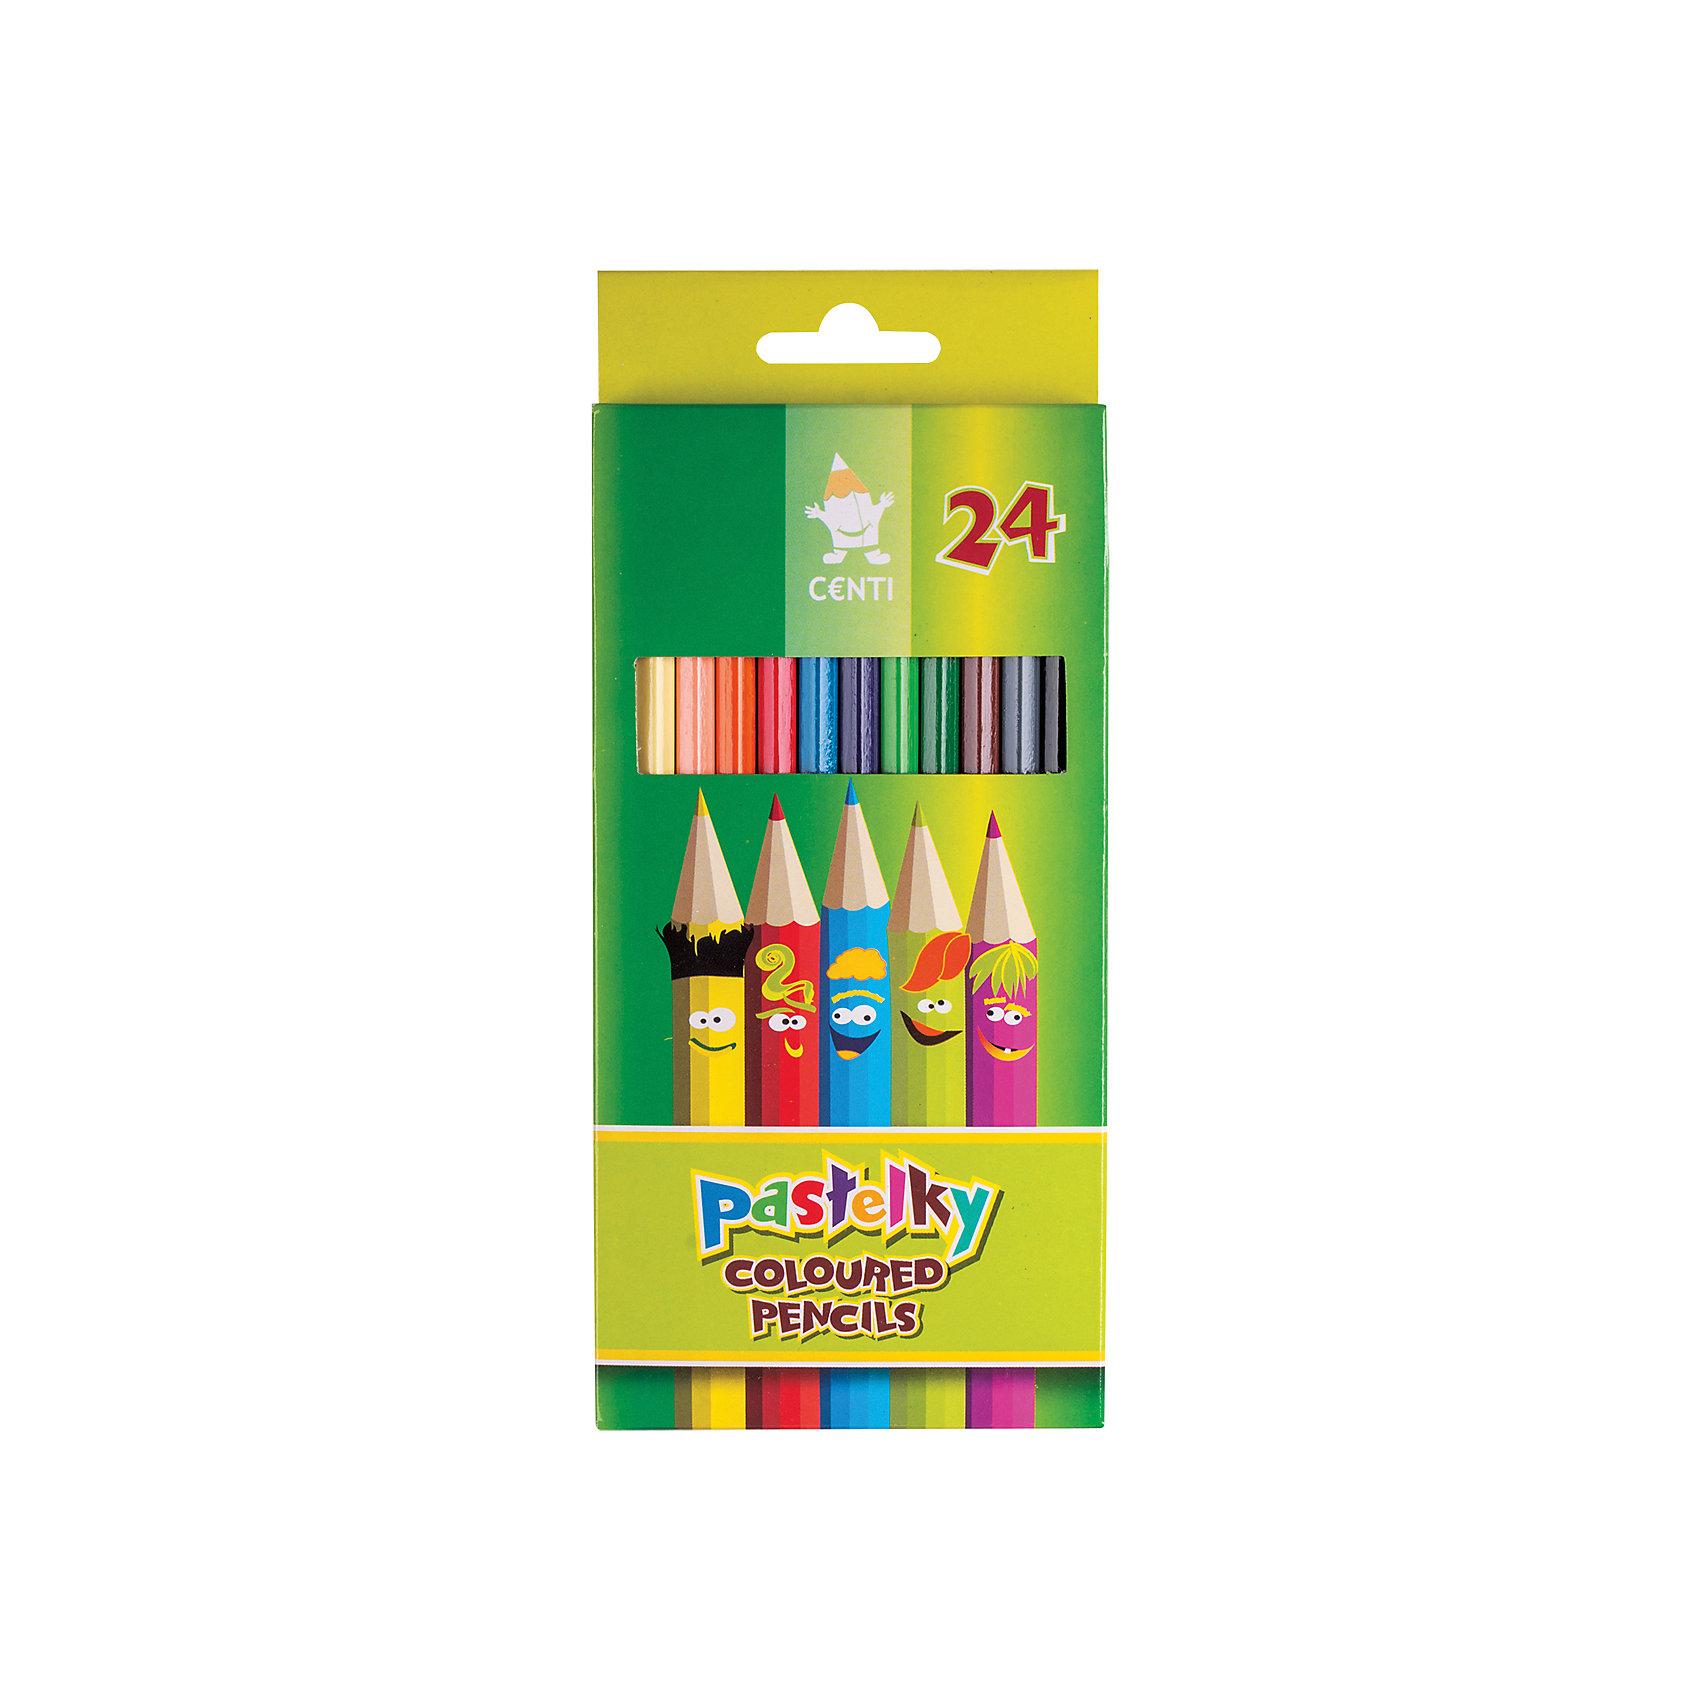 Цветные карандаши Centi, 24 цв., KOH-I-NOORЦветные заточенные карандаши изготовлены из экологически чистых материалов высшего качества. <br><br>Порадуйте своего юного художника приятным подарком!<br><br>Дополнительная информация: <br><br>- 24 цвета.<br>- Высокосортная древесина.<br>- Заточены.<br>- Шестигранная форма корпуса.<br>- Размер упаковки: 9х32,8х0,9 см.<br>- Вес в упаковке: 145 г.<br><br>Цветные карандаши  Centi KOH-I-NOOR можно купить в нашем магазине.<br><br>Ширина мм: 90<br>Глубина мм: 328<br>Высота мм: 9<br>Вес г: 145<br>Возраст от месяцев: 72<br>Возраст до месяцев: 2147483647<br>Пол: Унисекс<br>Возраст: Детский<br>SKU: 4792671